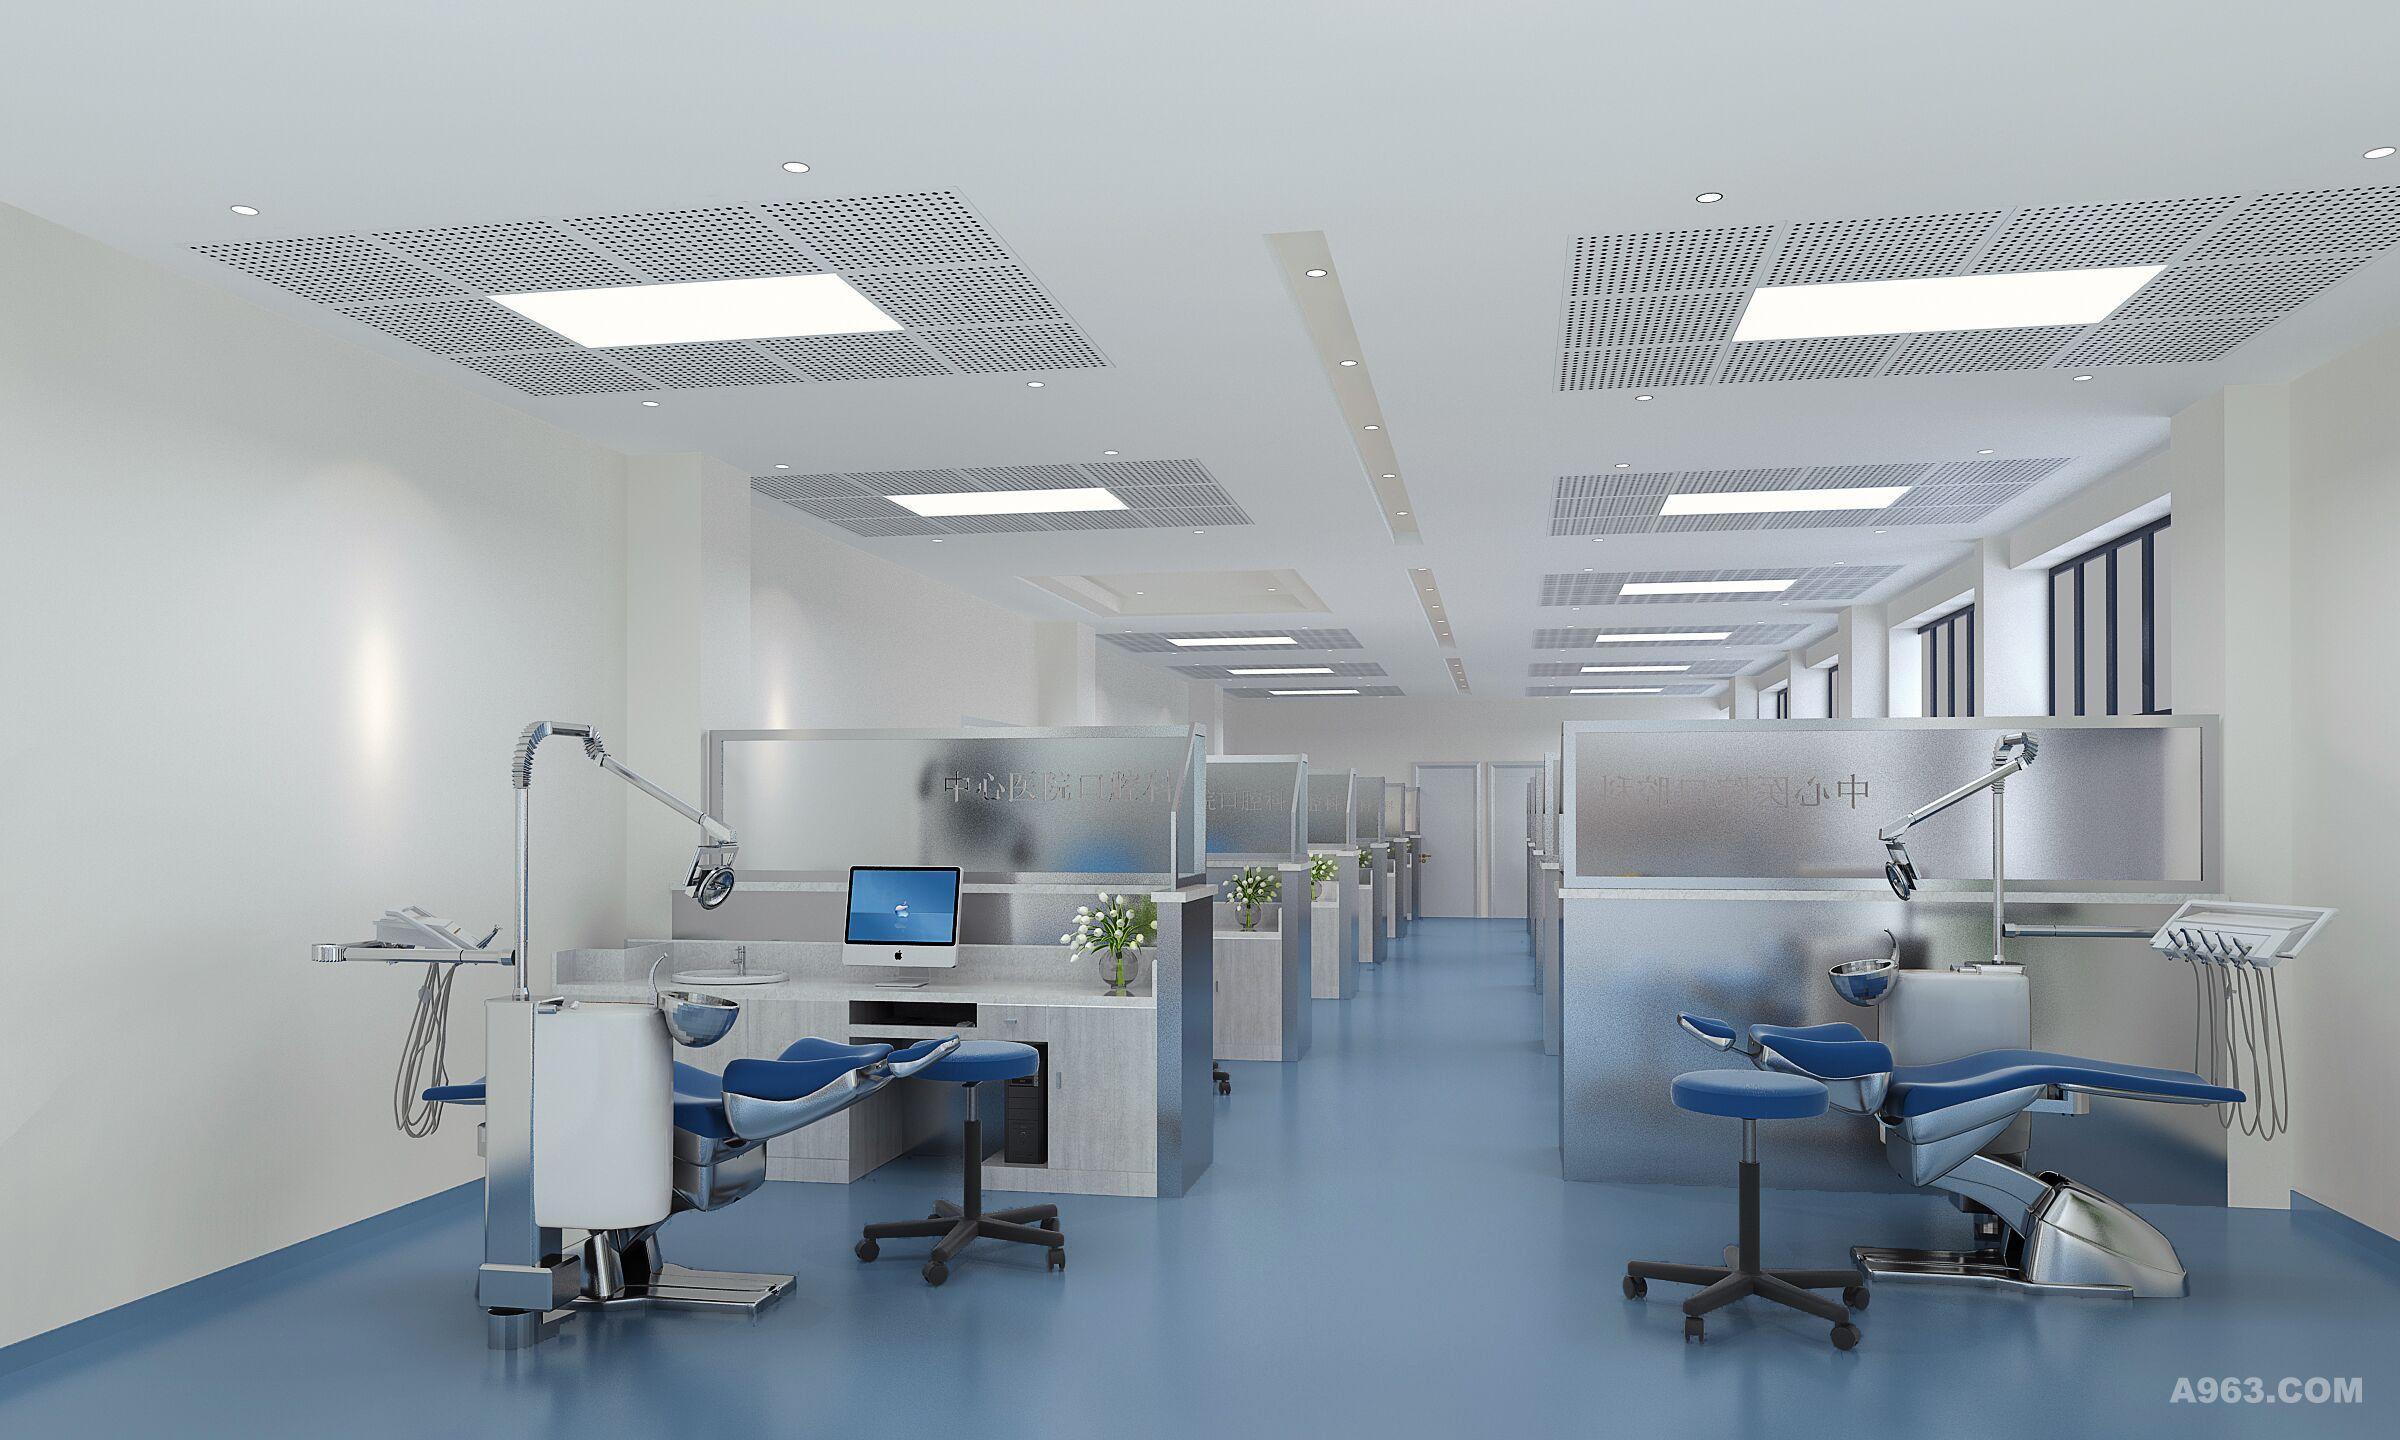 牙科医院_再上海十七医院看口腔科还需要预约吗?